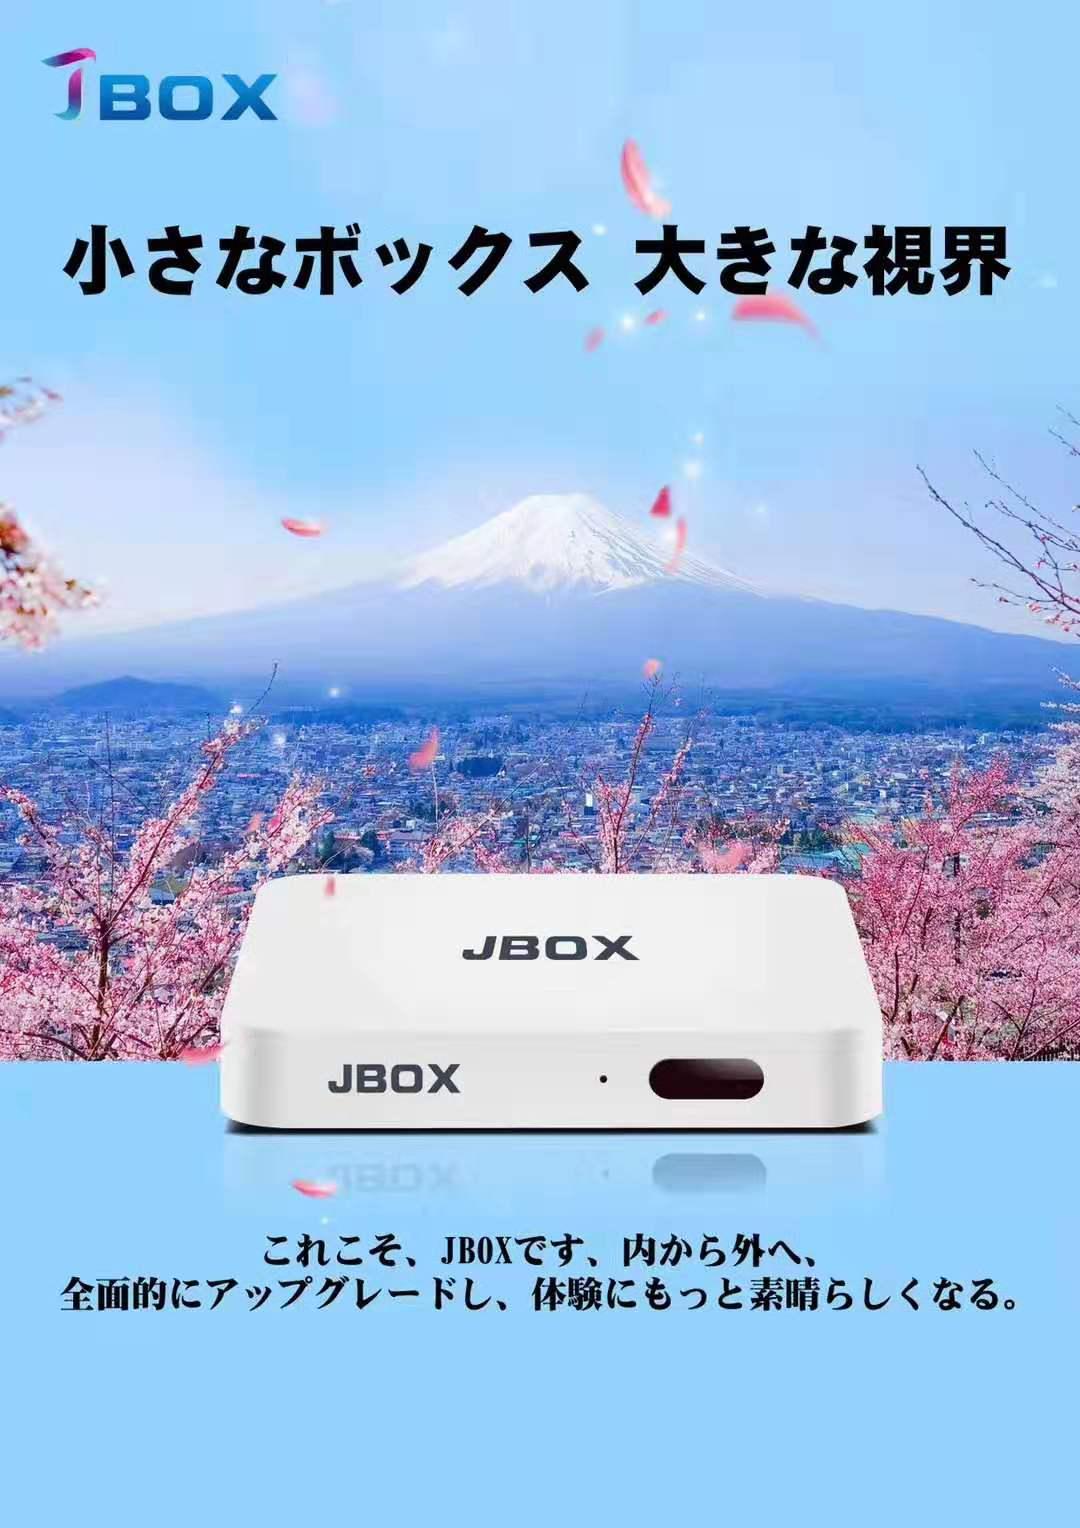 2019 новая версия Ubox JBOX японская версия HDMI 2,0 ТВ приставка Android 7,0 1 Гб + 16 Гб JP ТВ канал воспроизведения - 6